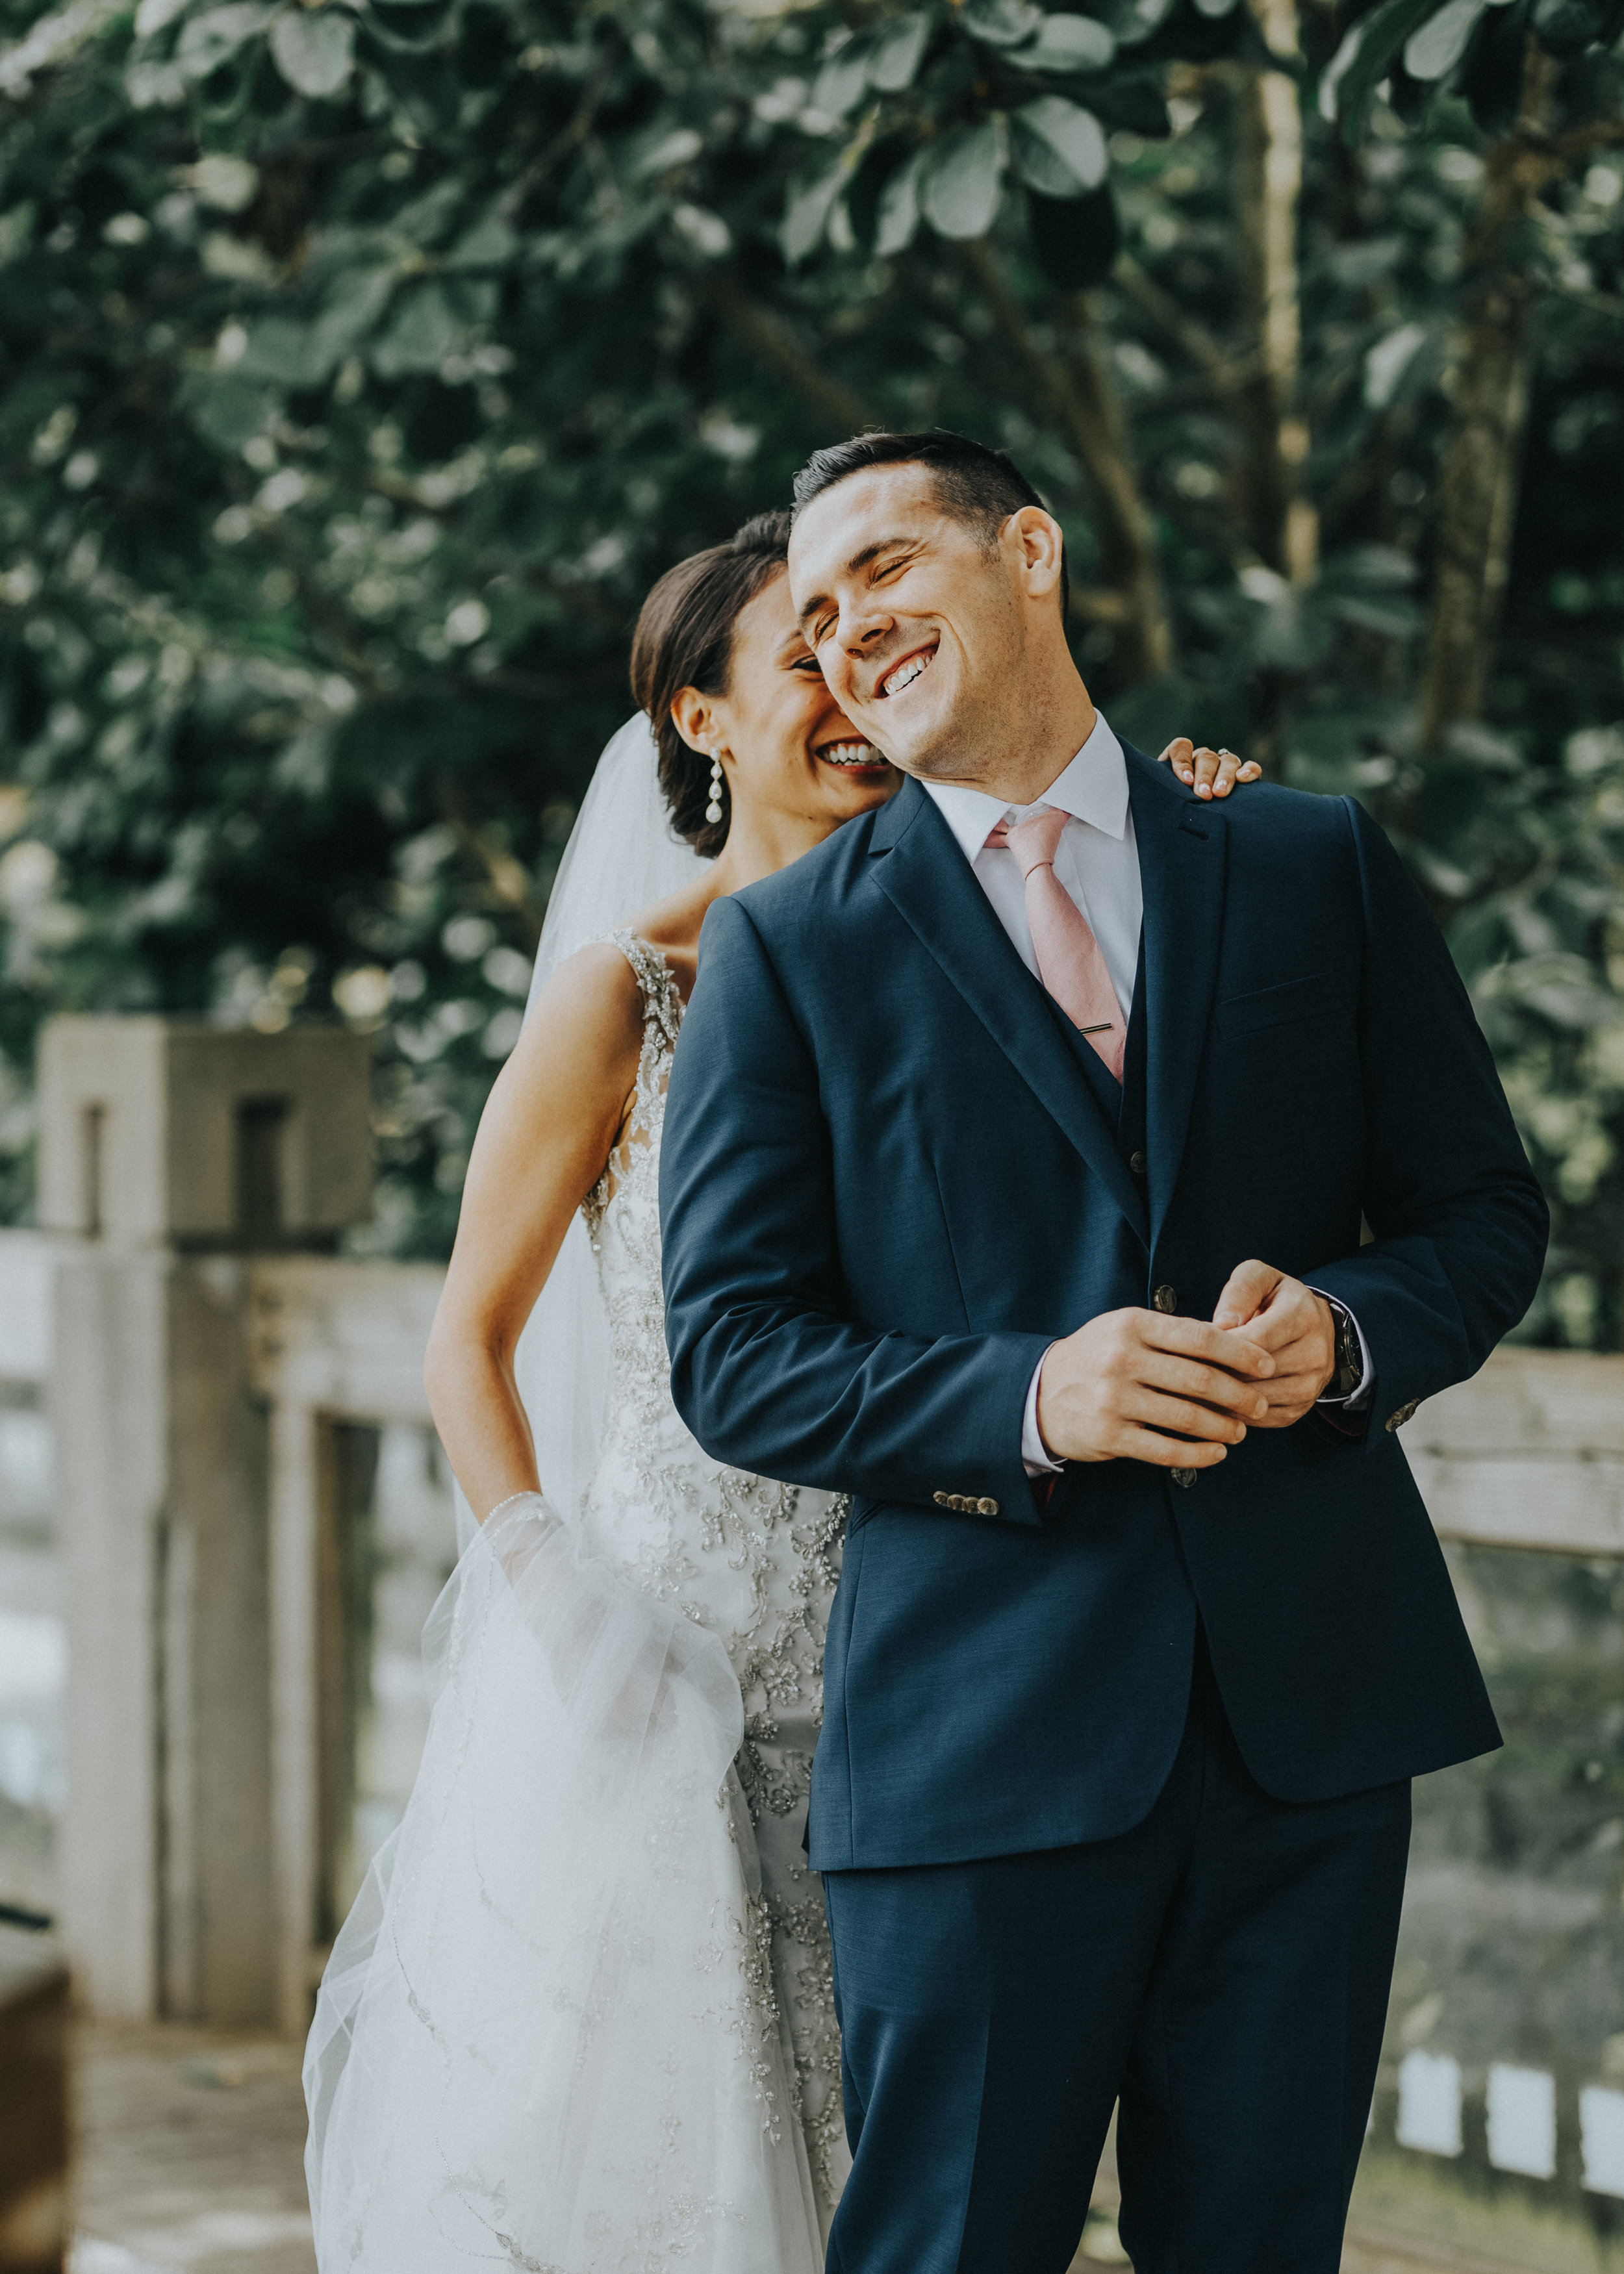 HARIKAPHOTO_WeddingPhotography-67.jpg